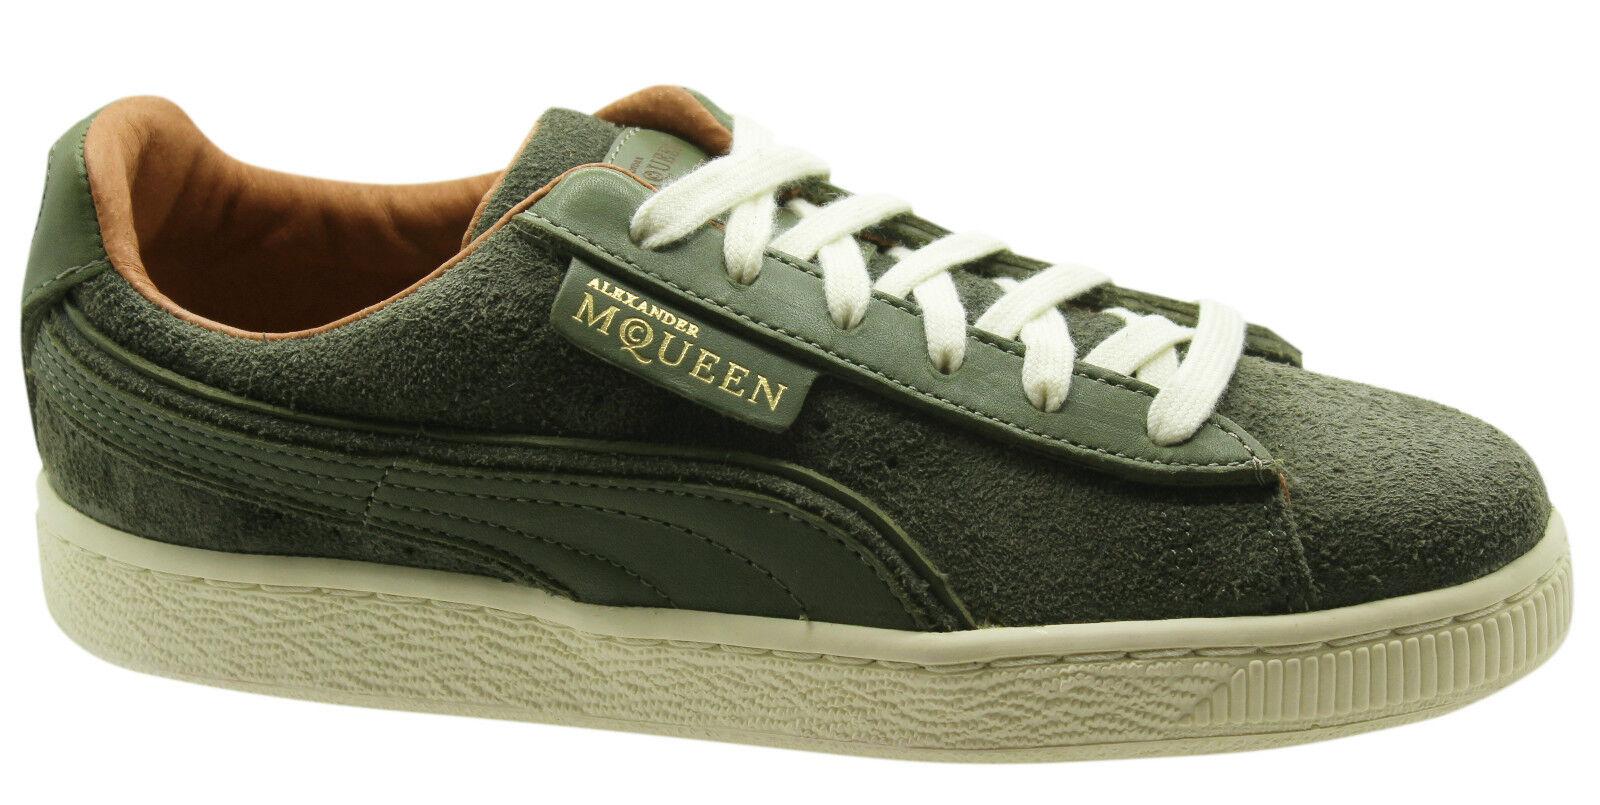 Puma Alexander McQueen AMQ Damenschuhe Suede Unisex  Uomo Damenschuhe AMQ Trainers Niedrig Schuhes 356231 393424